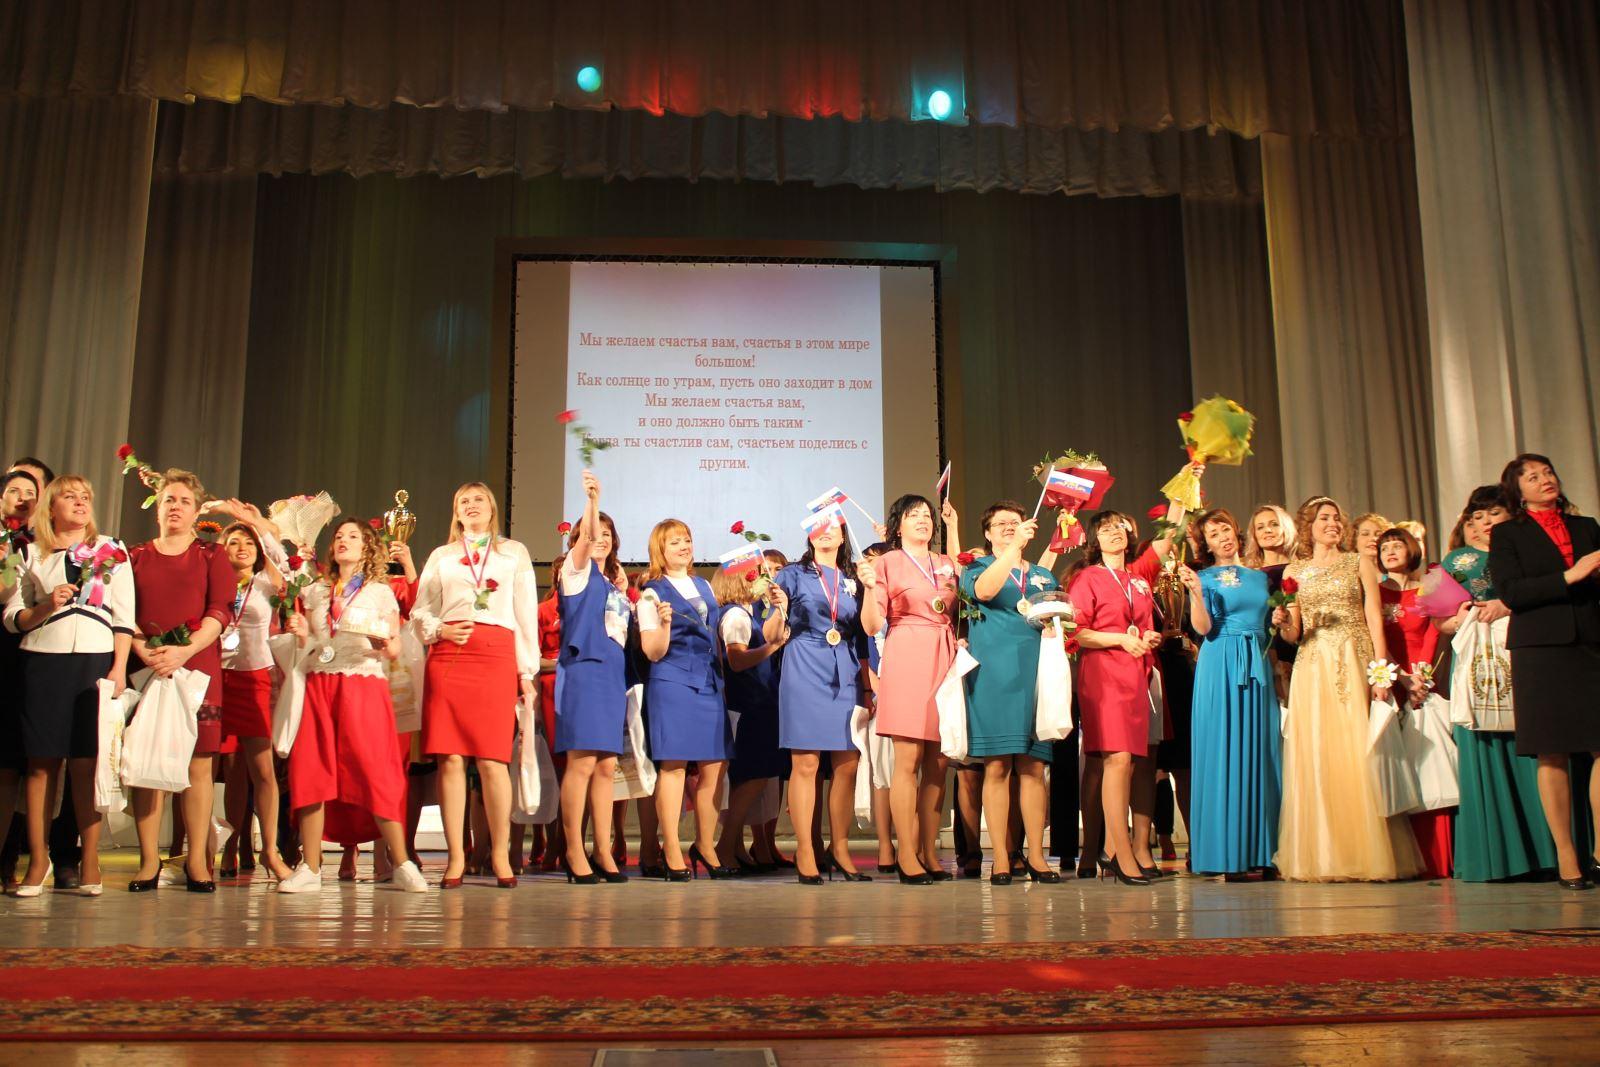 Сотрудники отделов ЗАГС Челябинской области сегодня, 4 декабря, оставили все служебные дела, чтоб